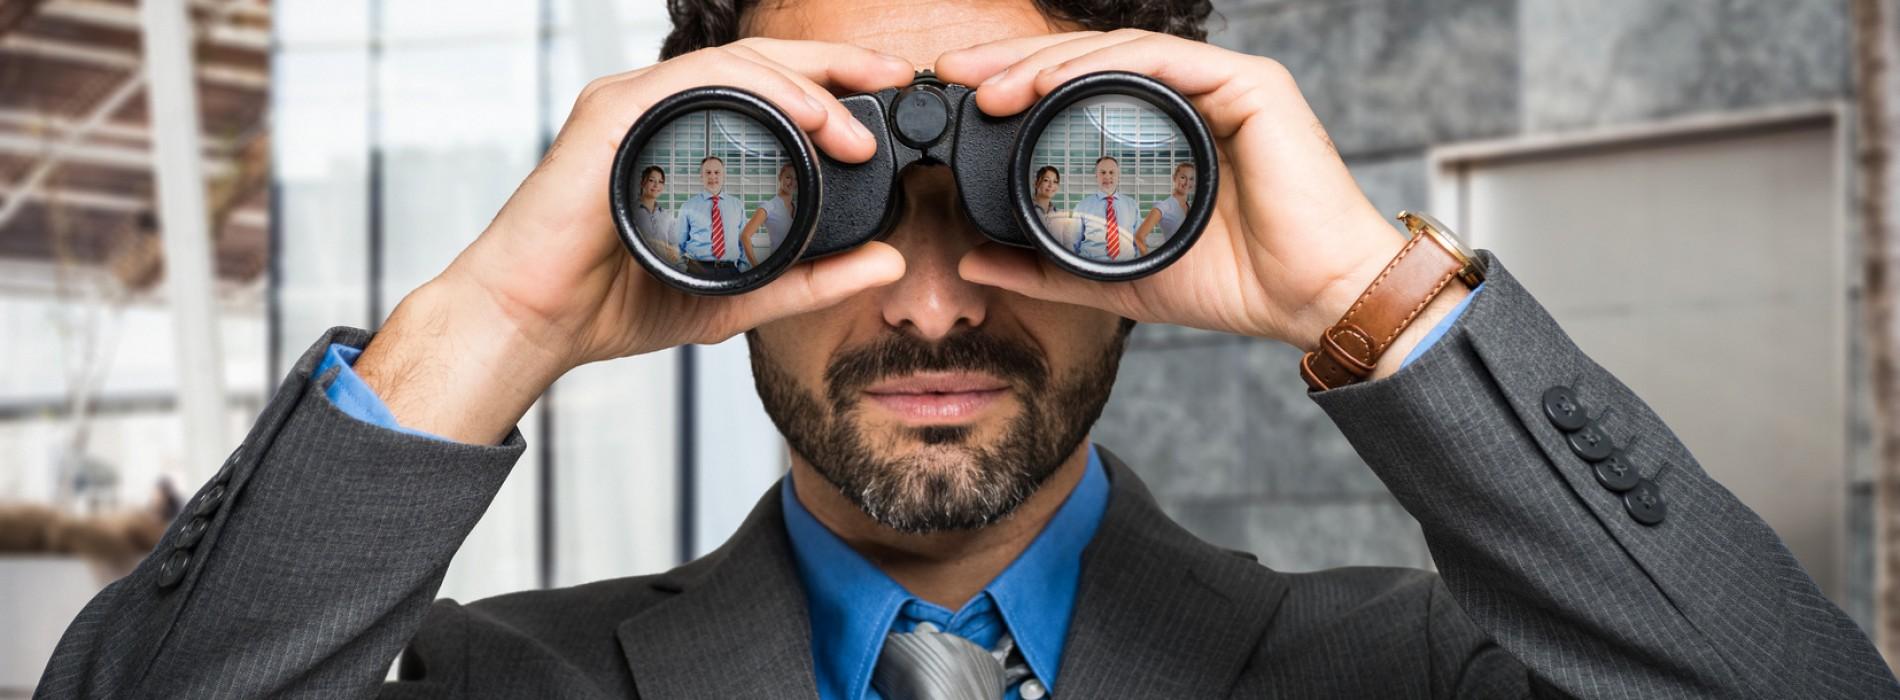 Personalizacja komunikatów reklamowych w sieci – klucz do sukcesu